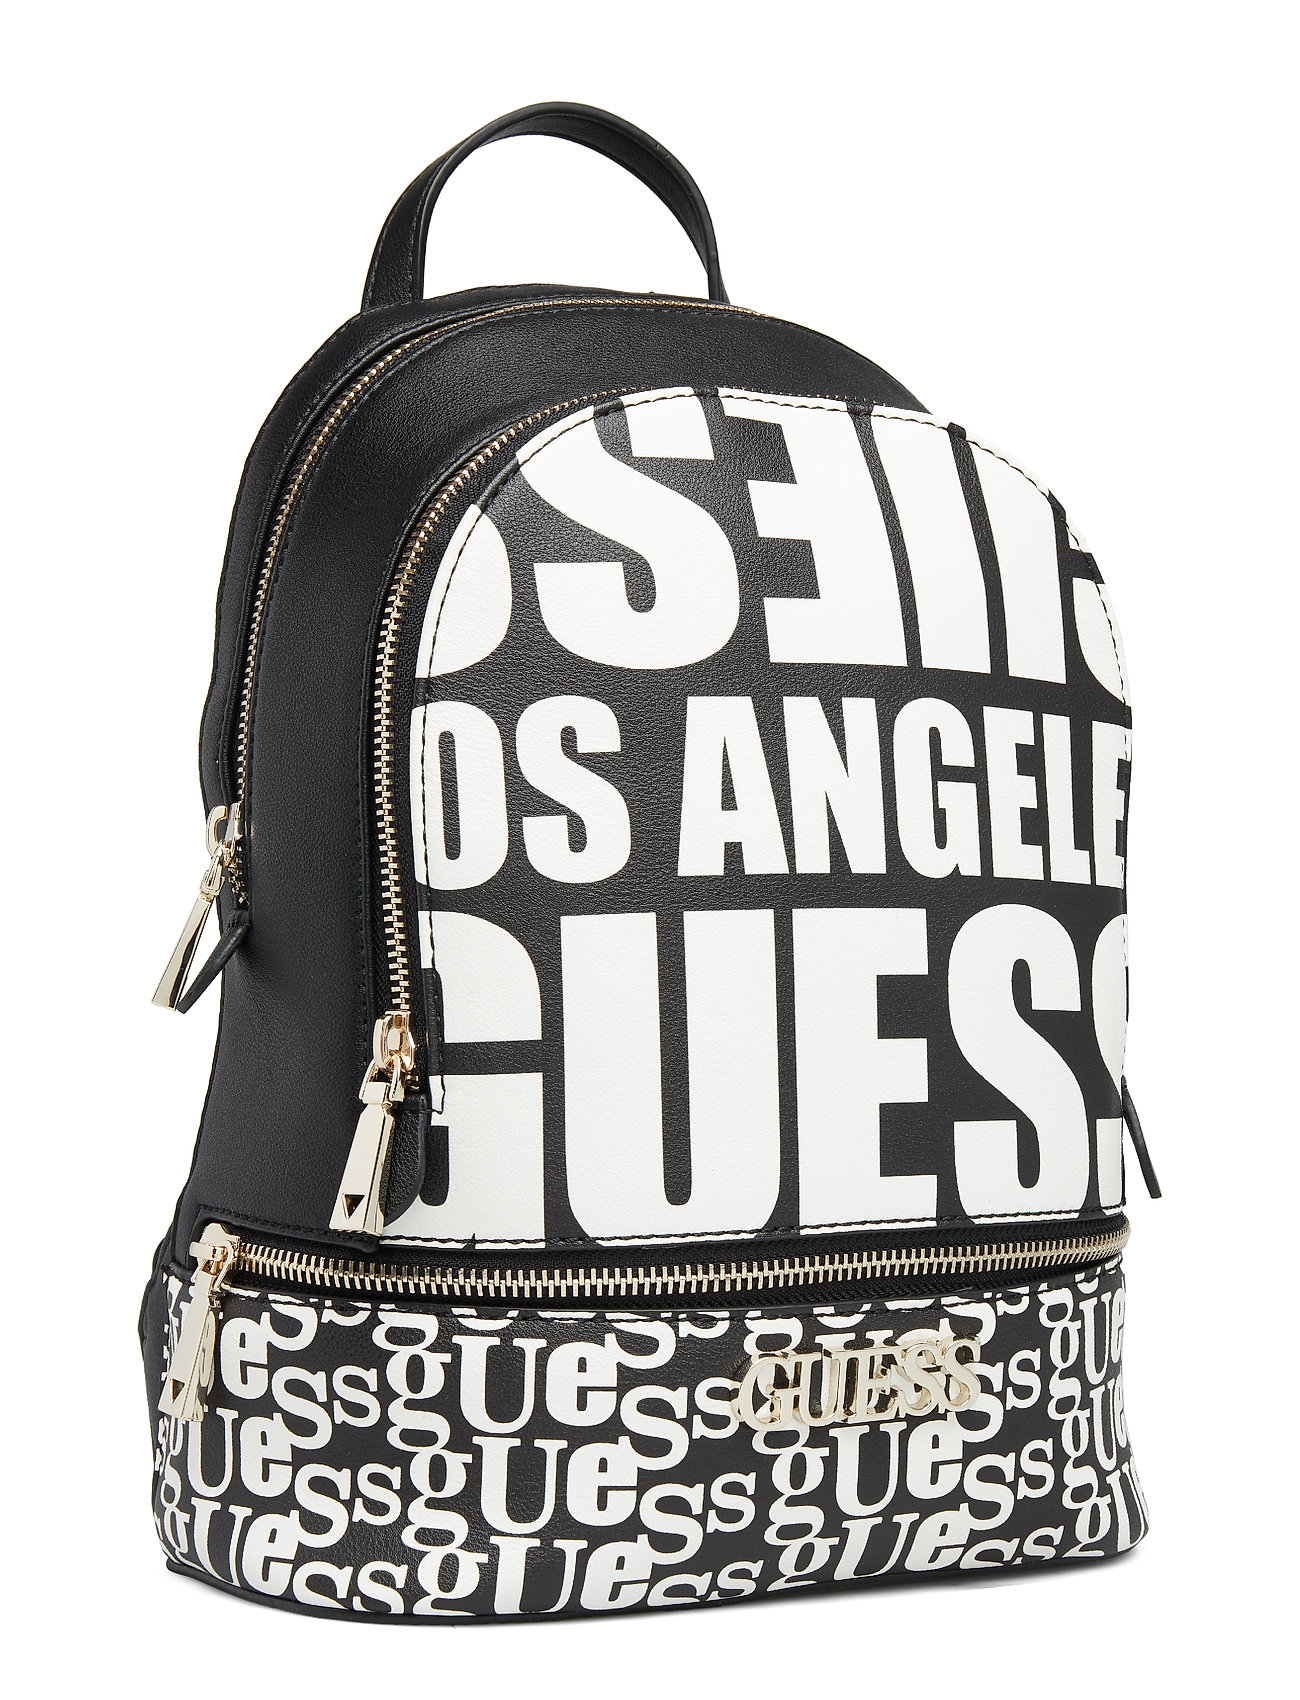 MultiGuess Skye Skye Large Backpackblack MultiGuess Skye Backpackblack MultiGuess Large Backpackblack Large Skye 9EIWD2HY